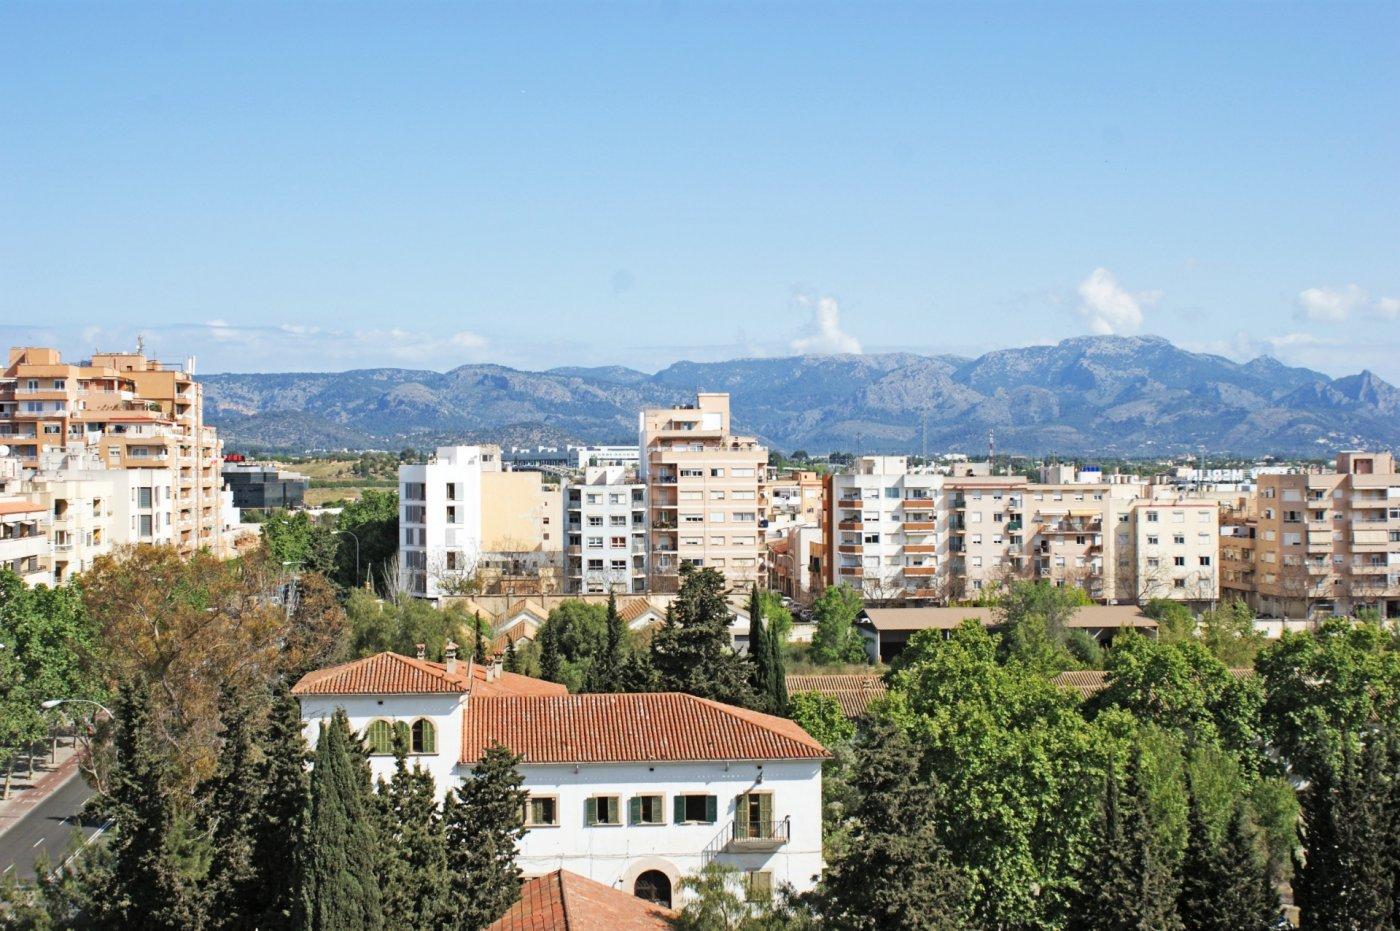 Piso-Venta-Palma de Mallorca-185552-Foto-2